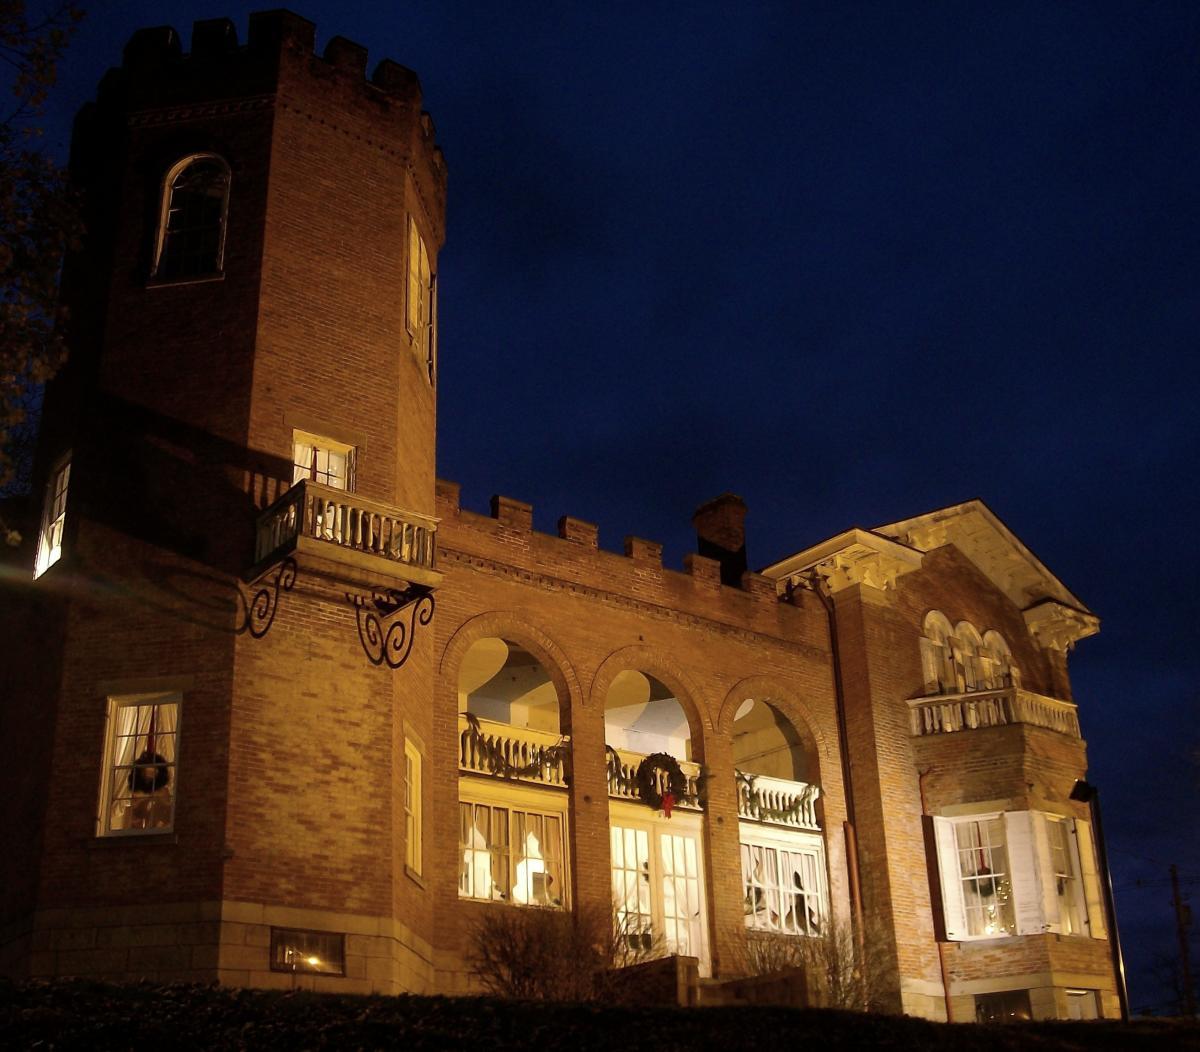 Nemacolin Castle